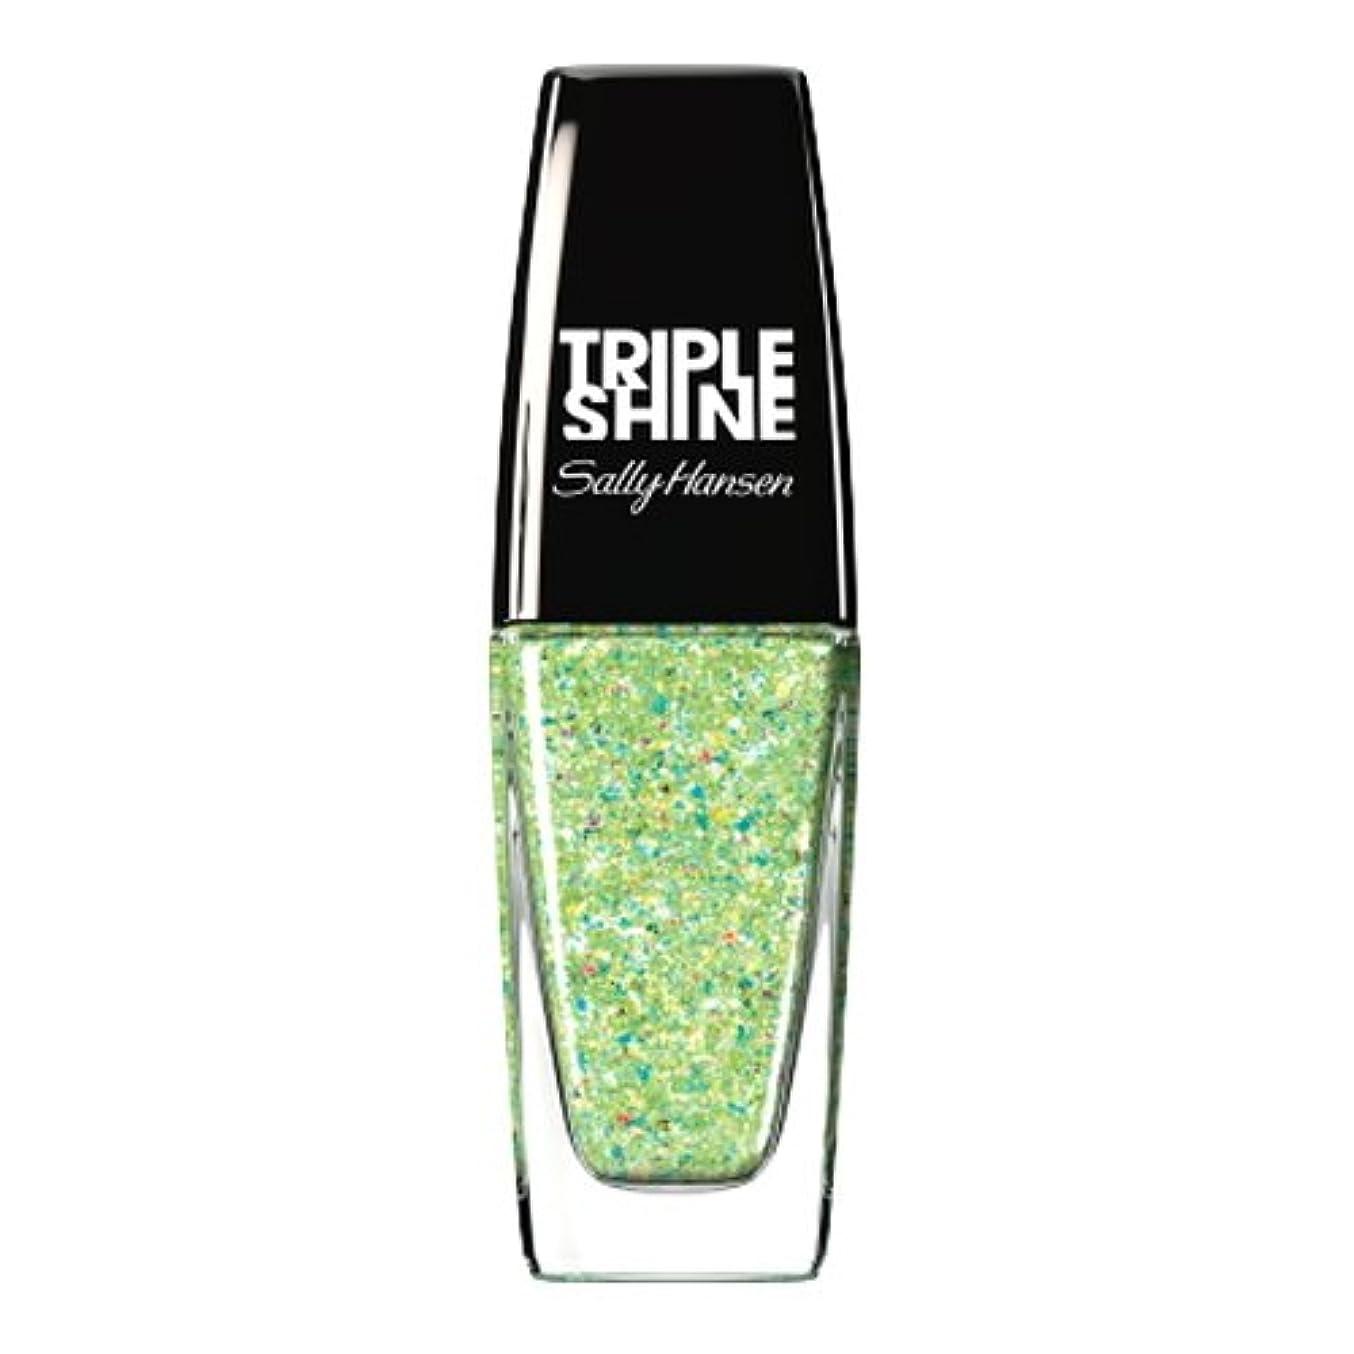 怠カカドゥとてもSALLY HANSEN Triple Shine Nail Polish - Scale Up (並行輸入品)